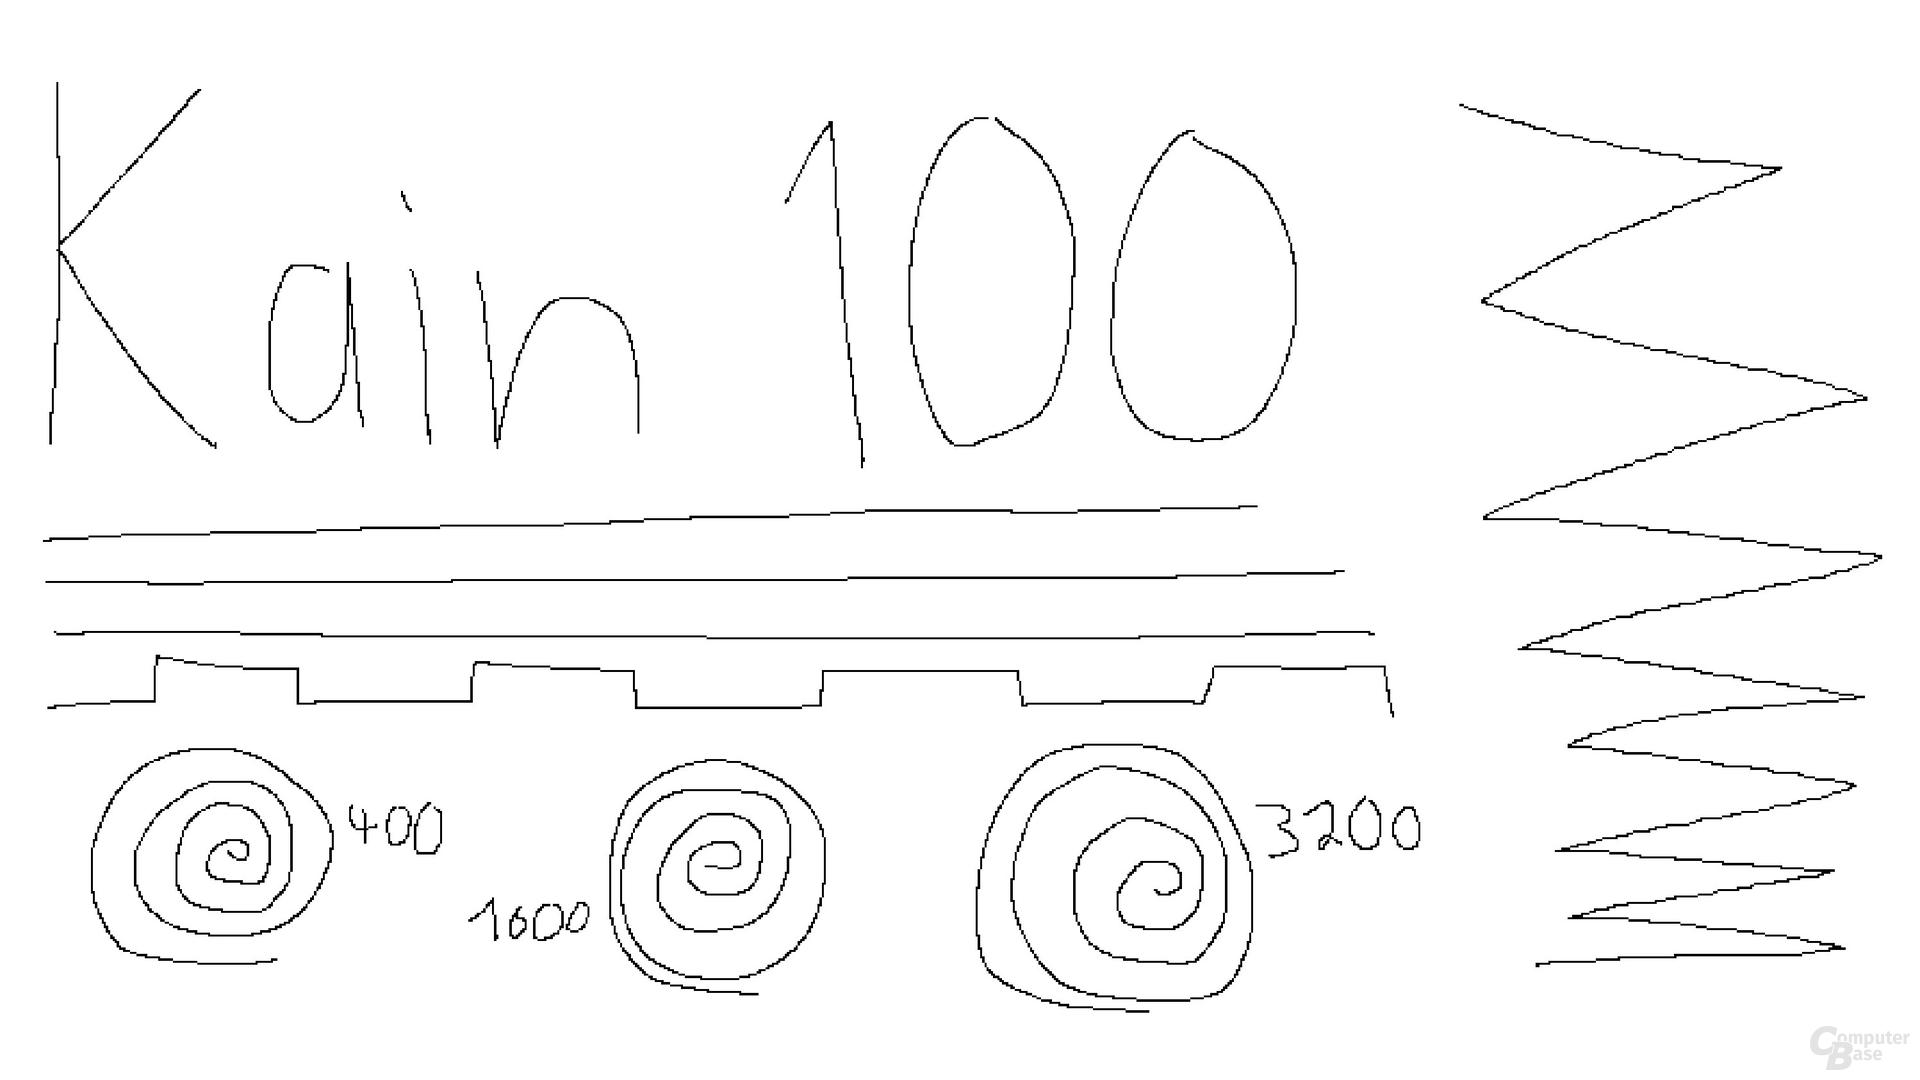 Roccat Kain 100 Aimo (1.000 Hertz, Mikrofaseruntergrund)